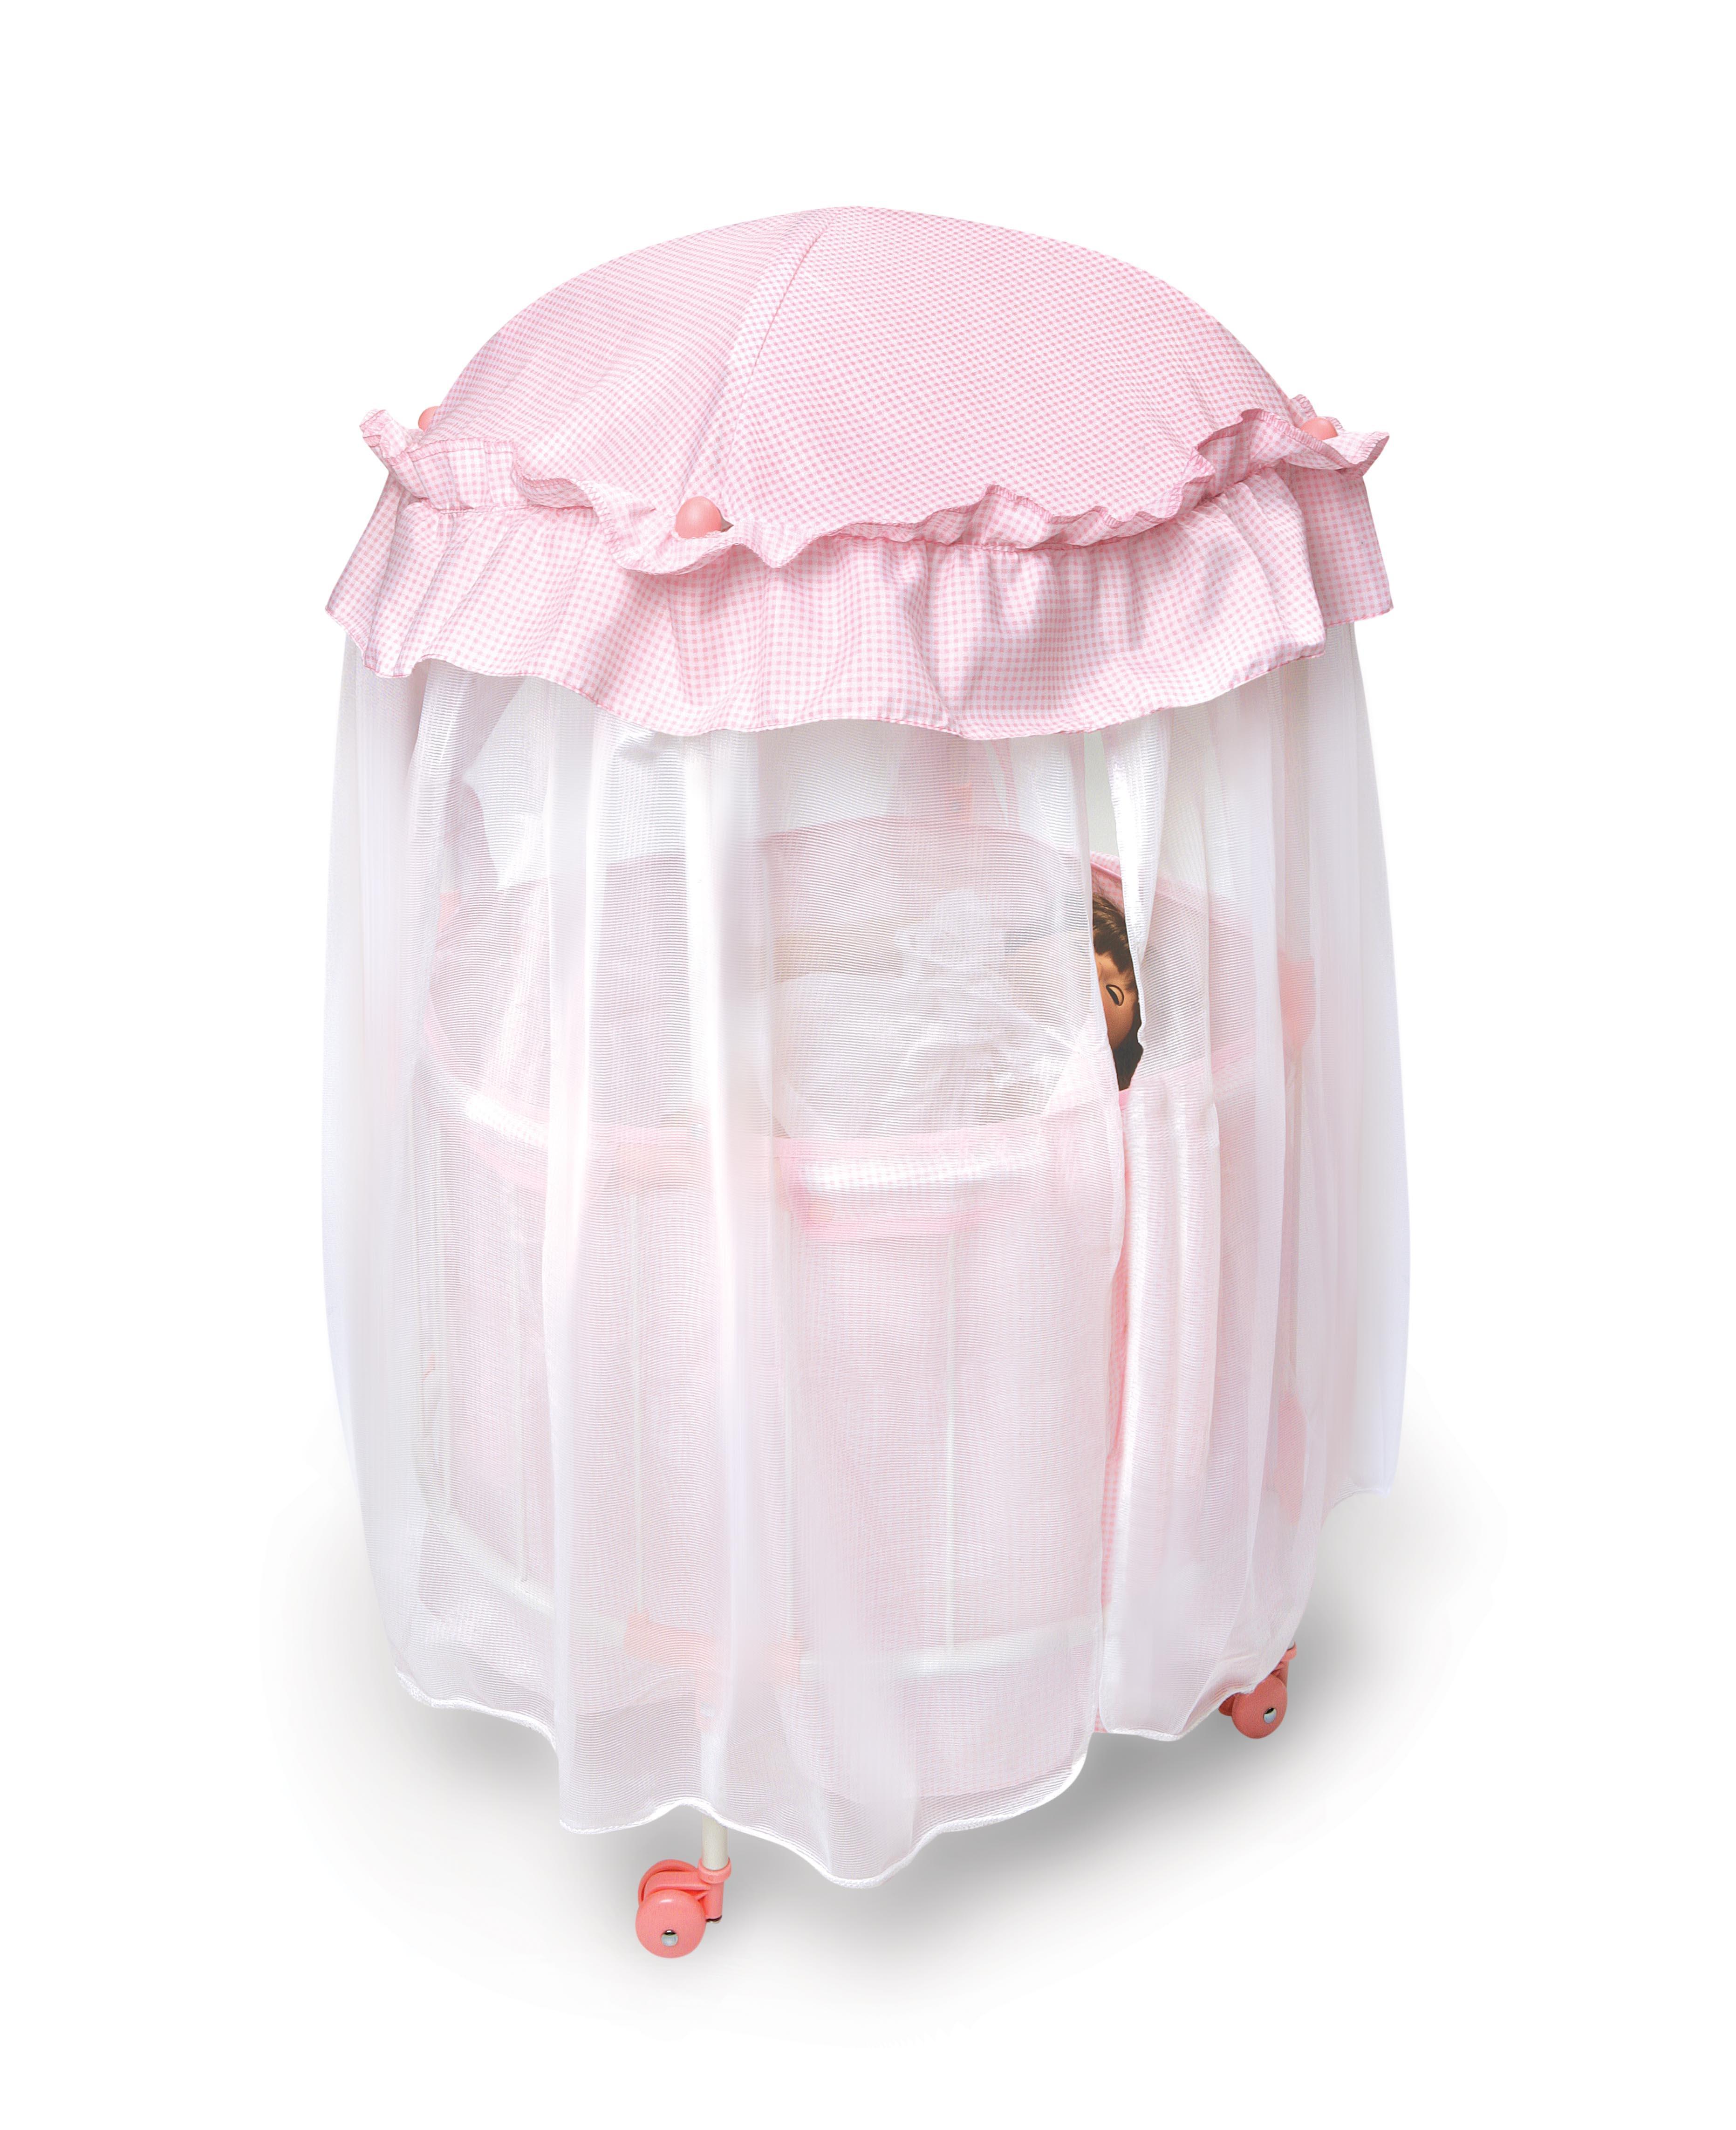 Royal pavilion doll crib